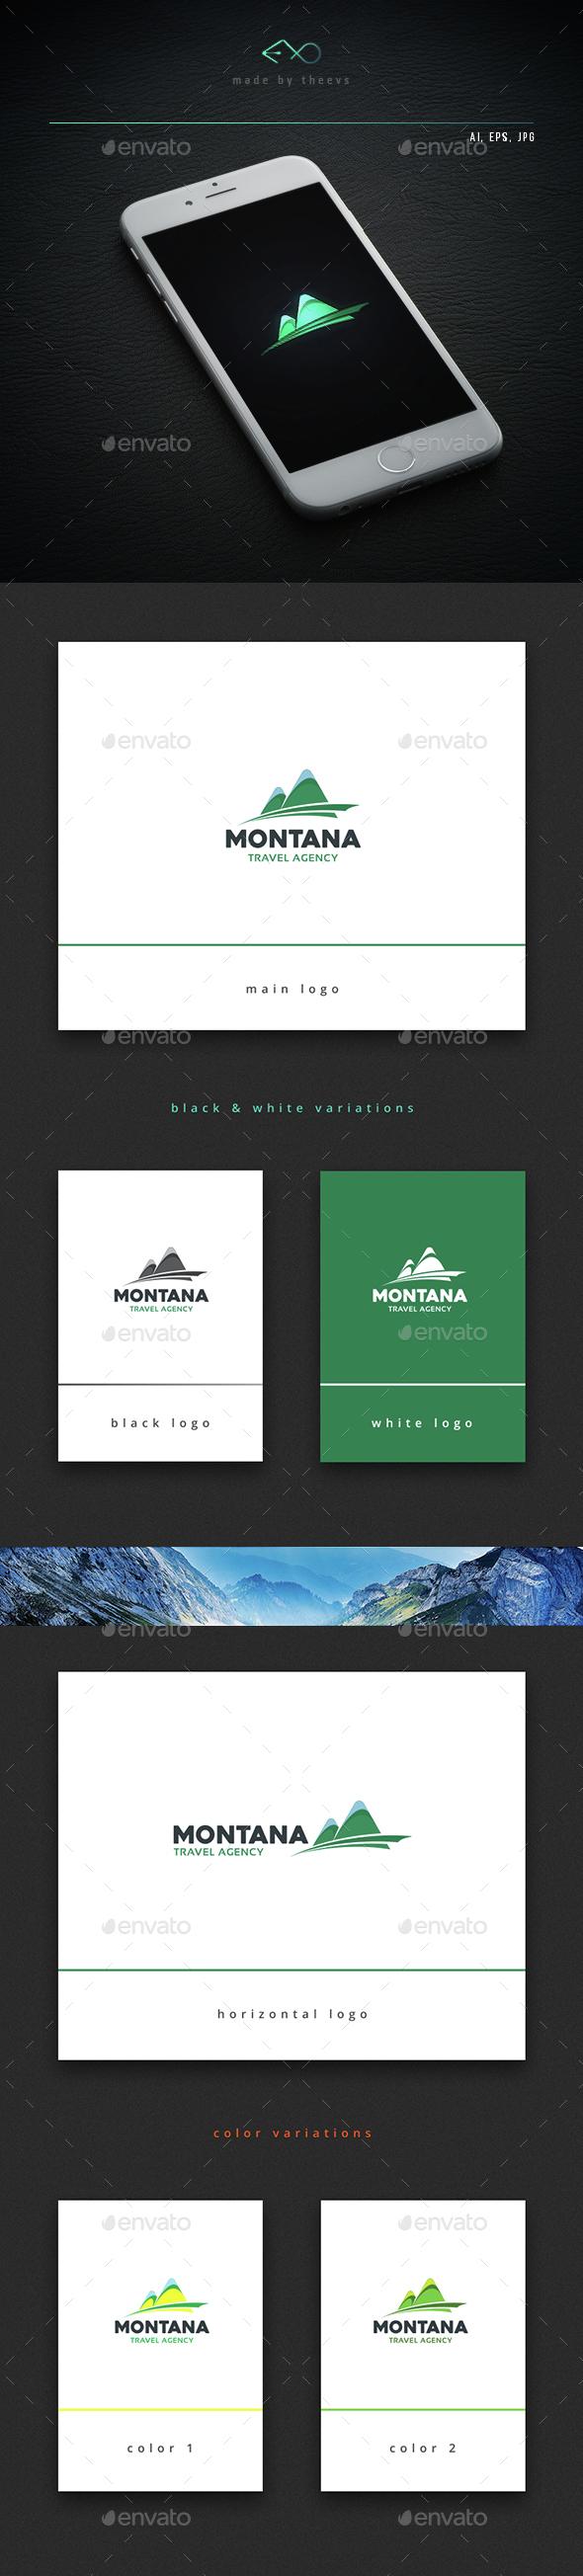 Montana - Vector Abstract